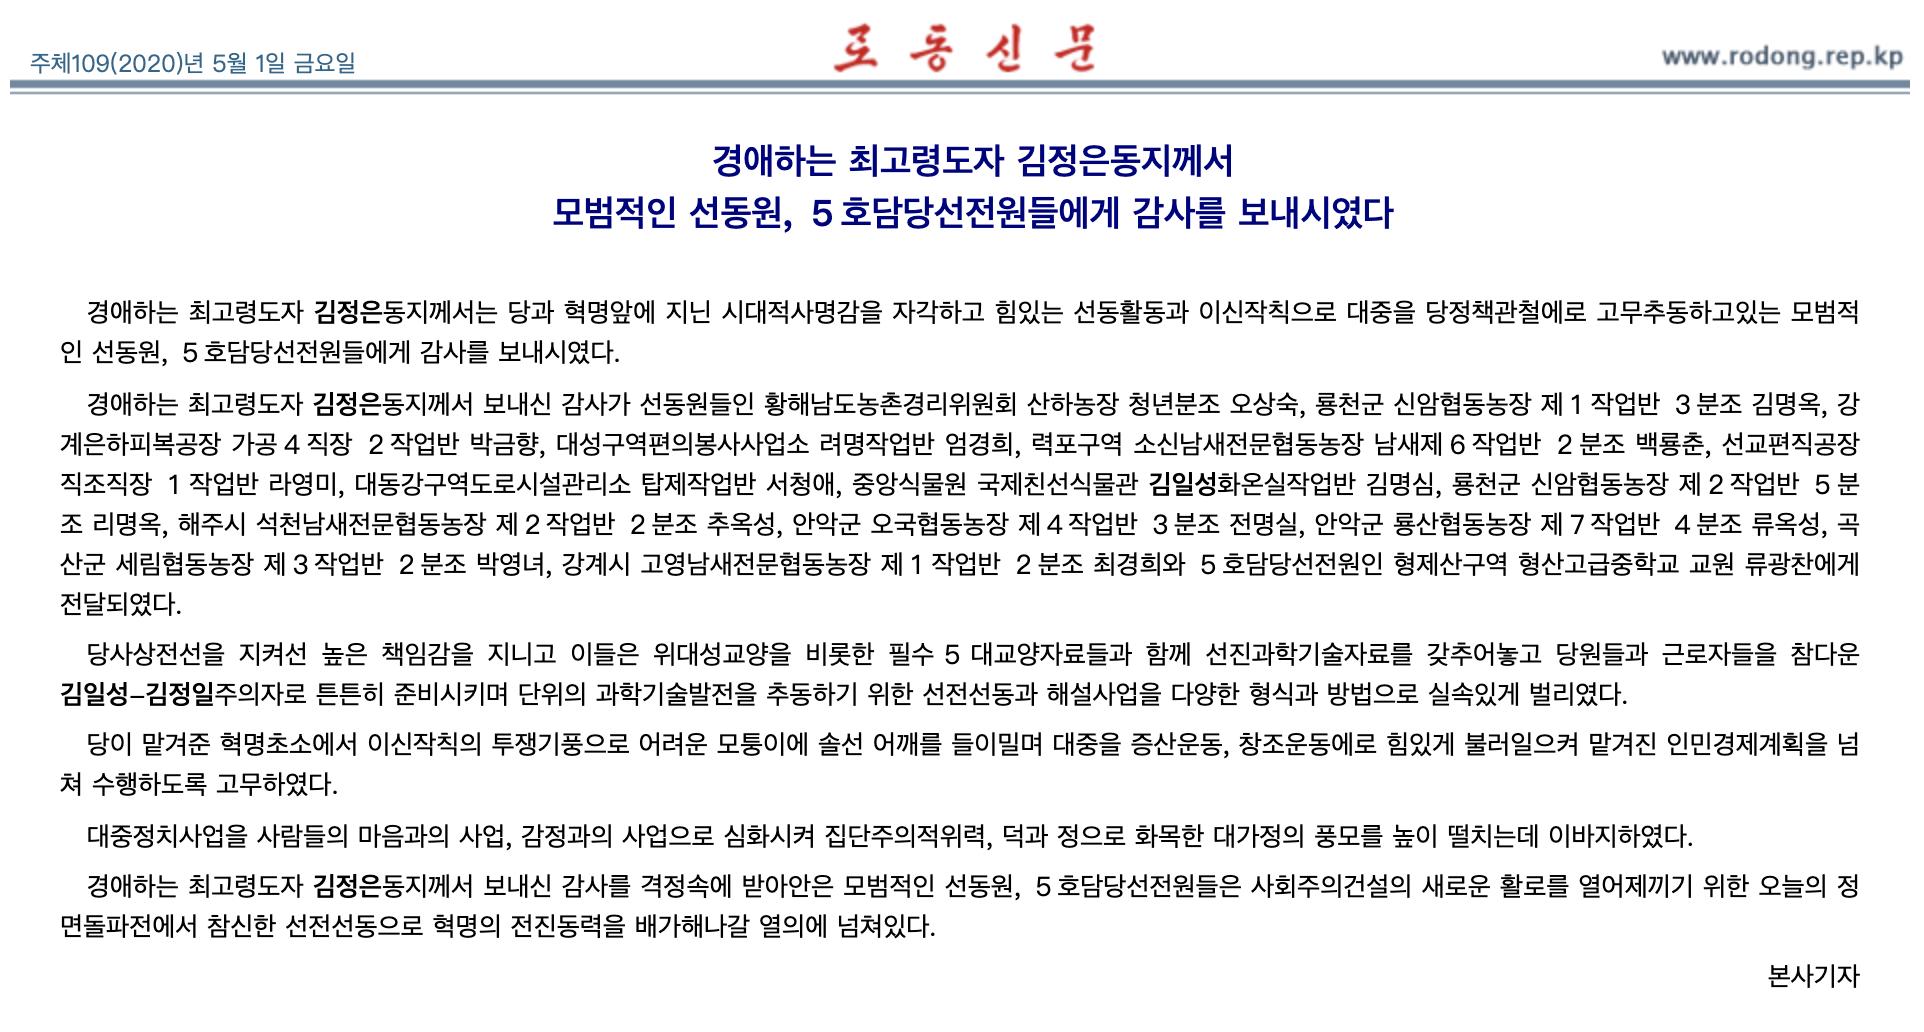 金正恩向朝鲜模范宣传员表示感谢